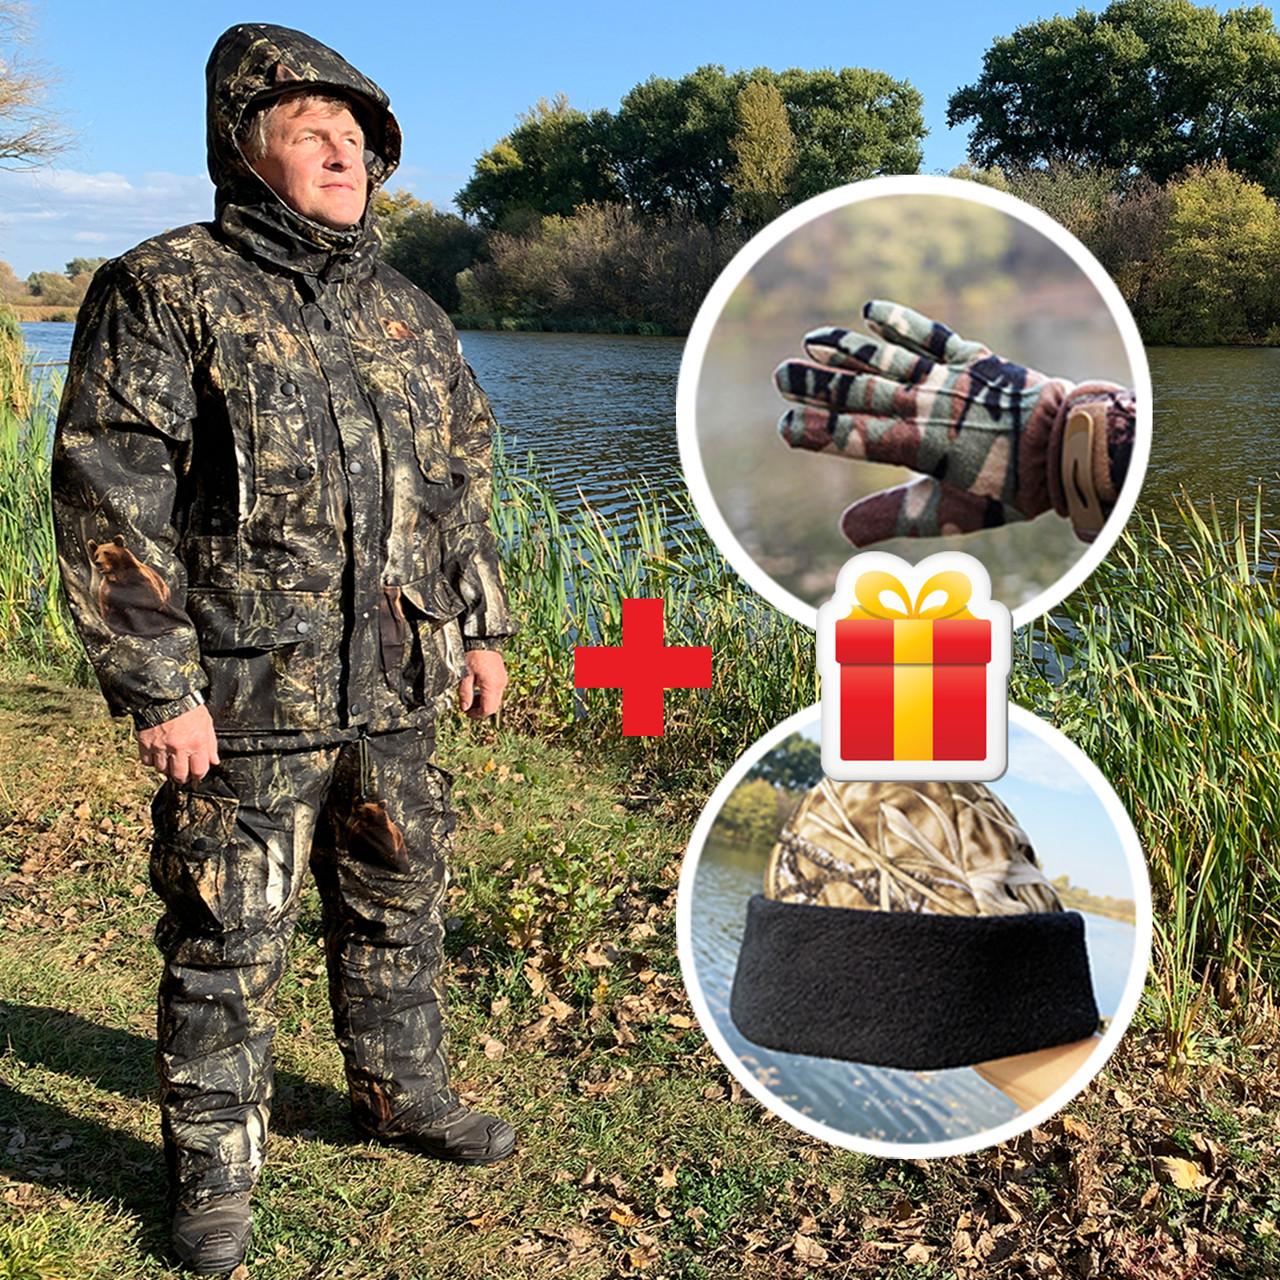 """Зимний костюм до -40° """"Mavens Зубр"""" Лес, для рыбалки, охоты, работы в холоде, размер 48-50 (031-0024)"""